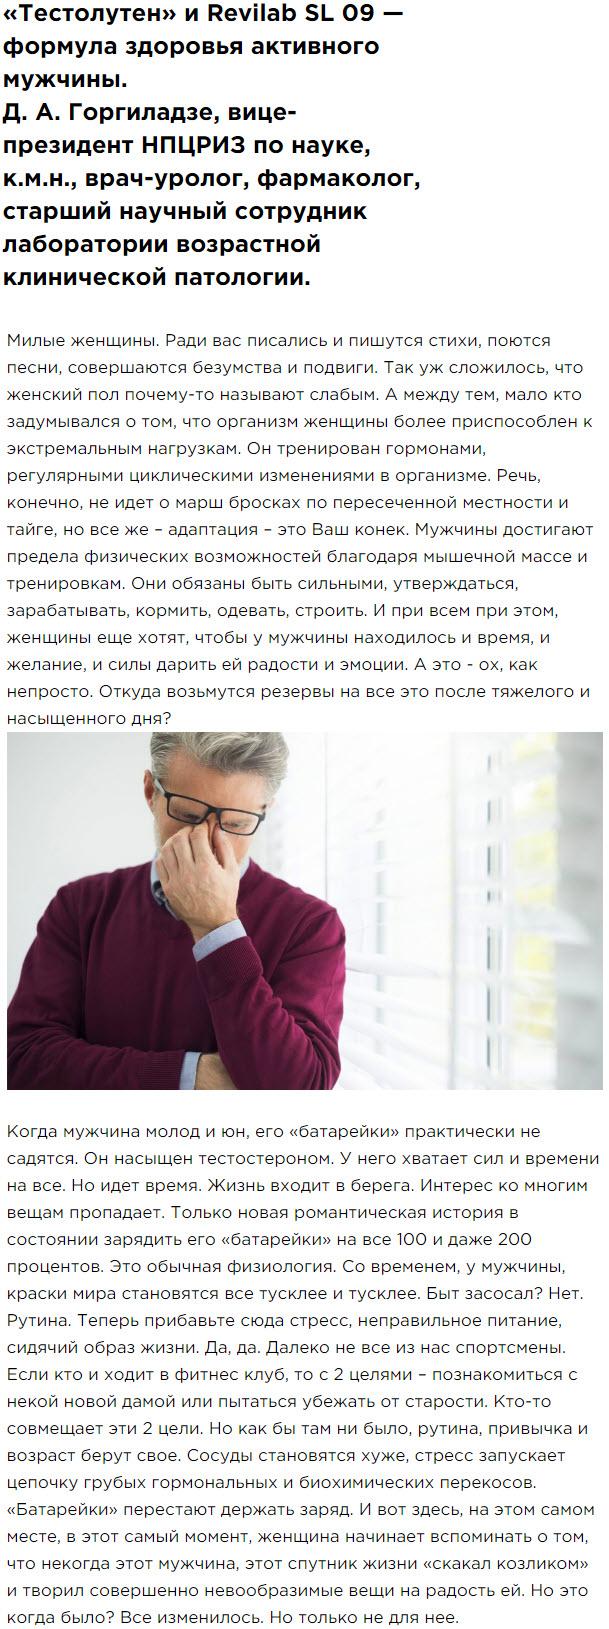 Expert Gorgiladze Chast 1 Peptidnyj kompleks Havinsona dlya muzhskogo zdorovya Revilab SL 09